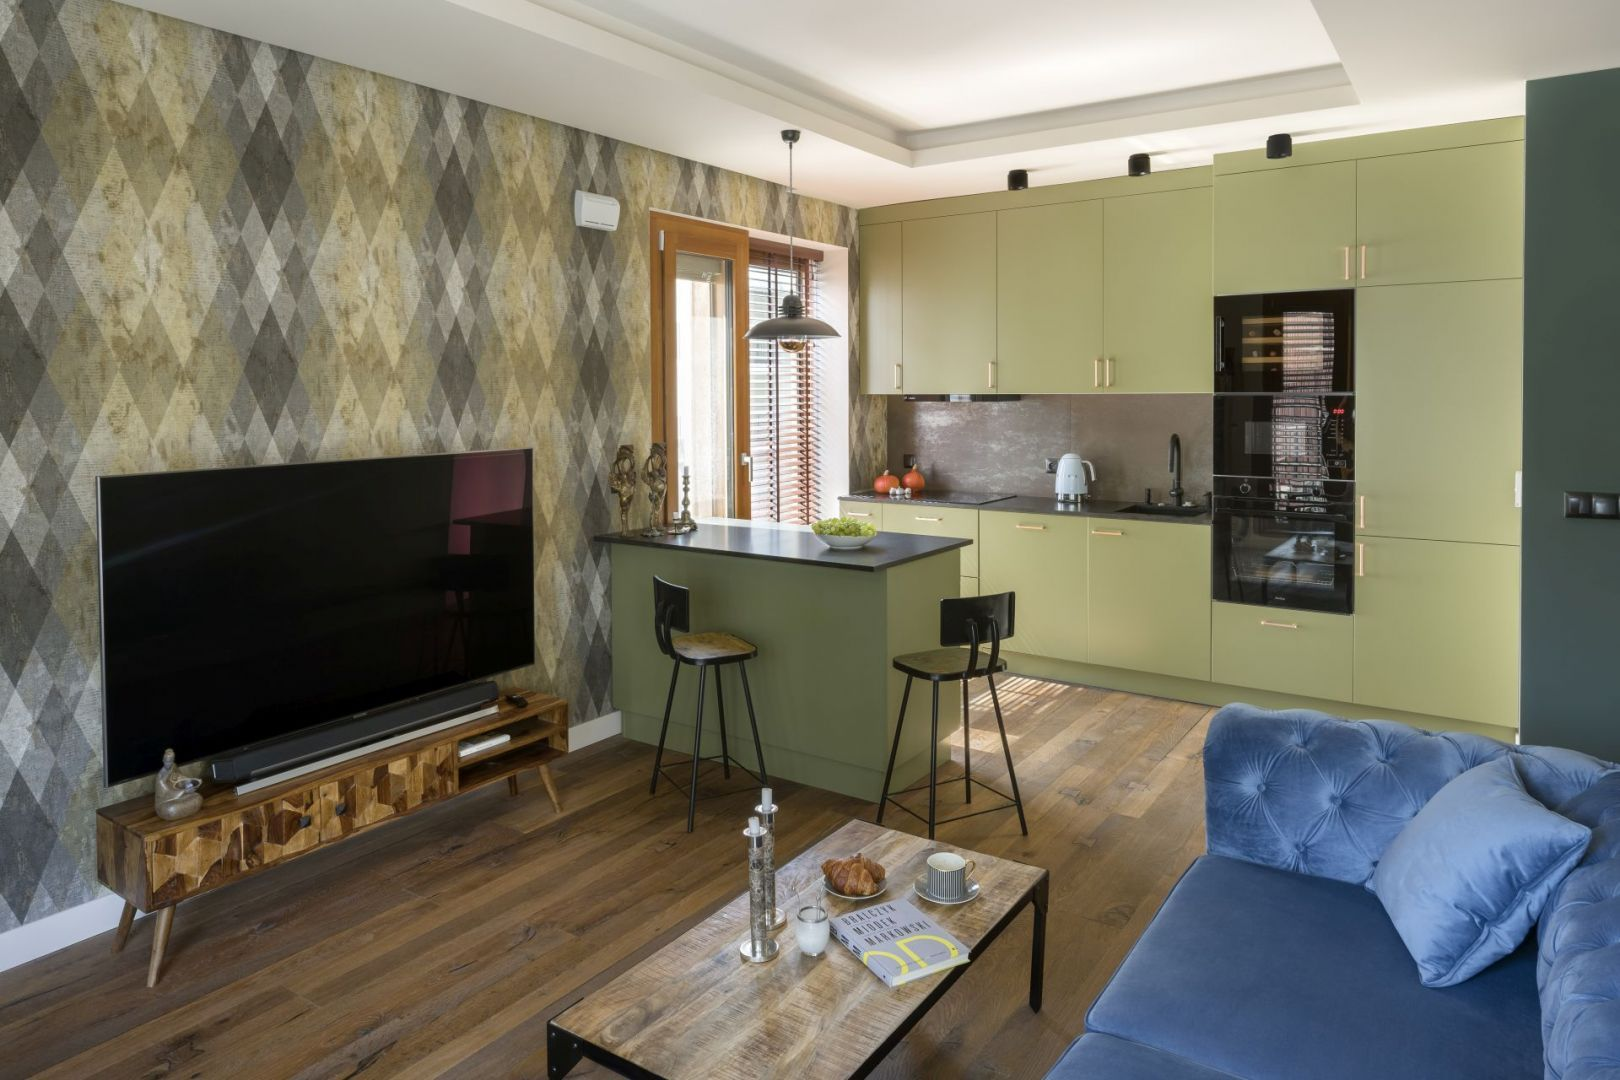 Kolor w kuchni. Zielone meble to świetny wybór do nowoczesnej kuchni. Projekt: Magdalena Miśkiewicz. Fot. Łukasz Zandecki